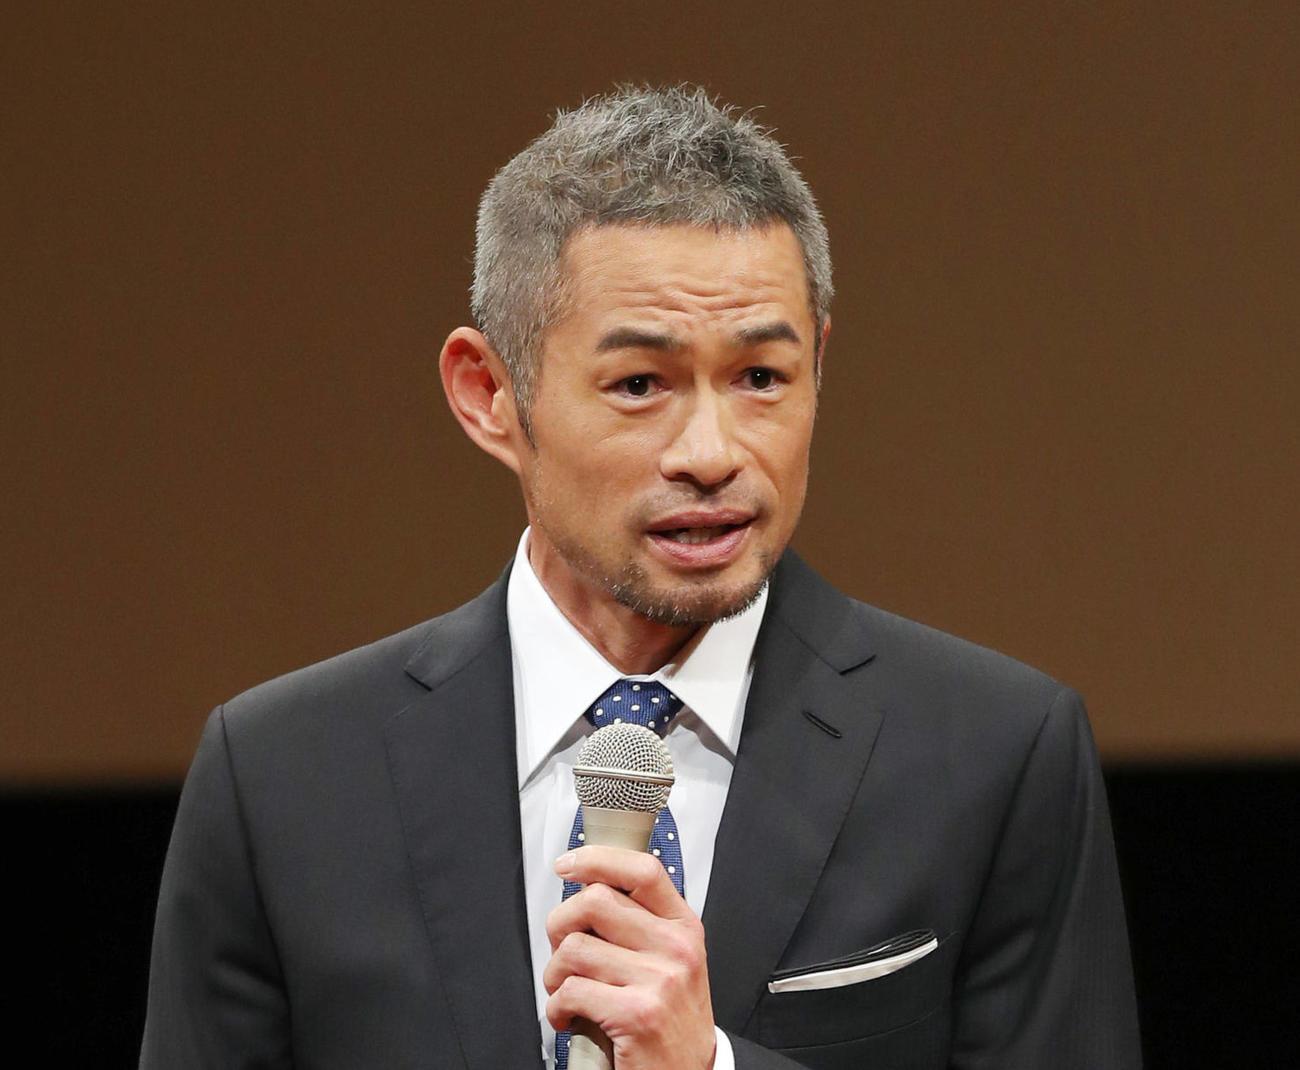 第73回新聞大会で講演するイチロー氏(撮影・前田充)